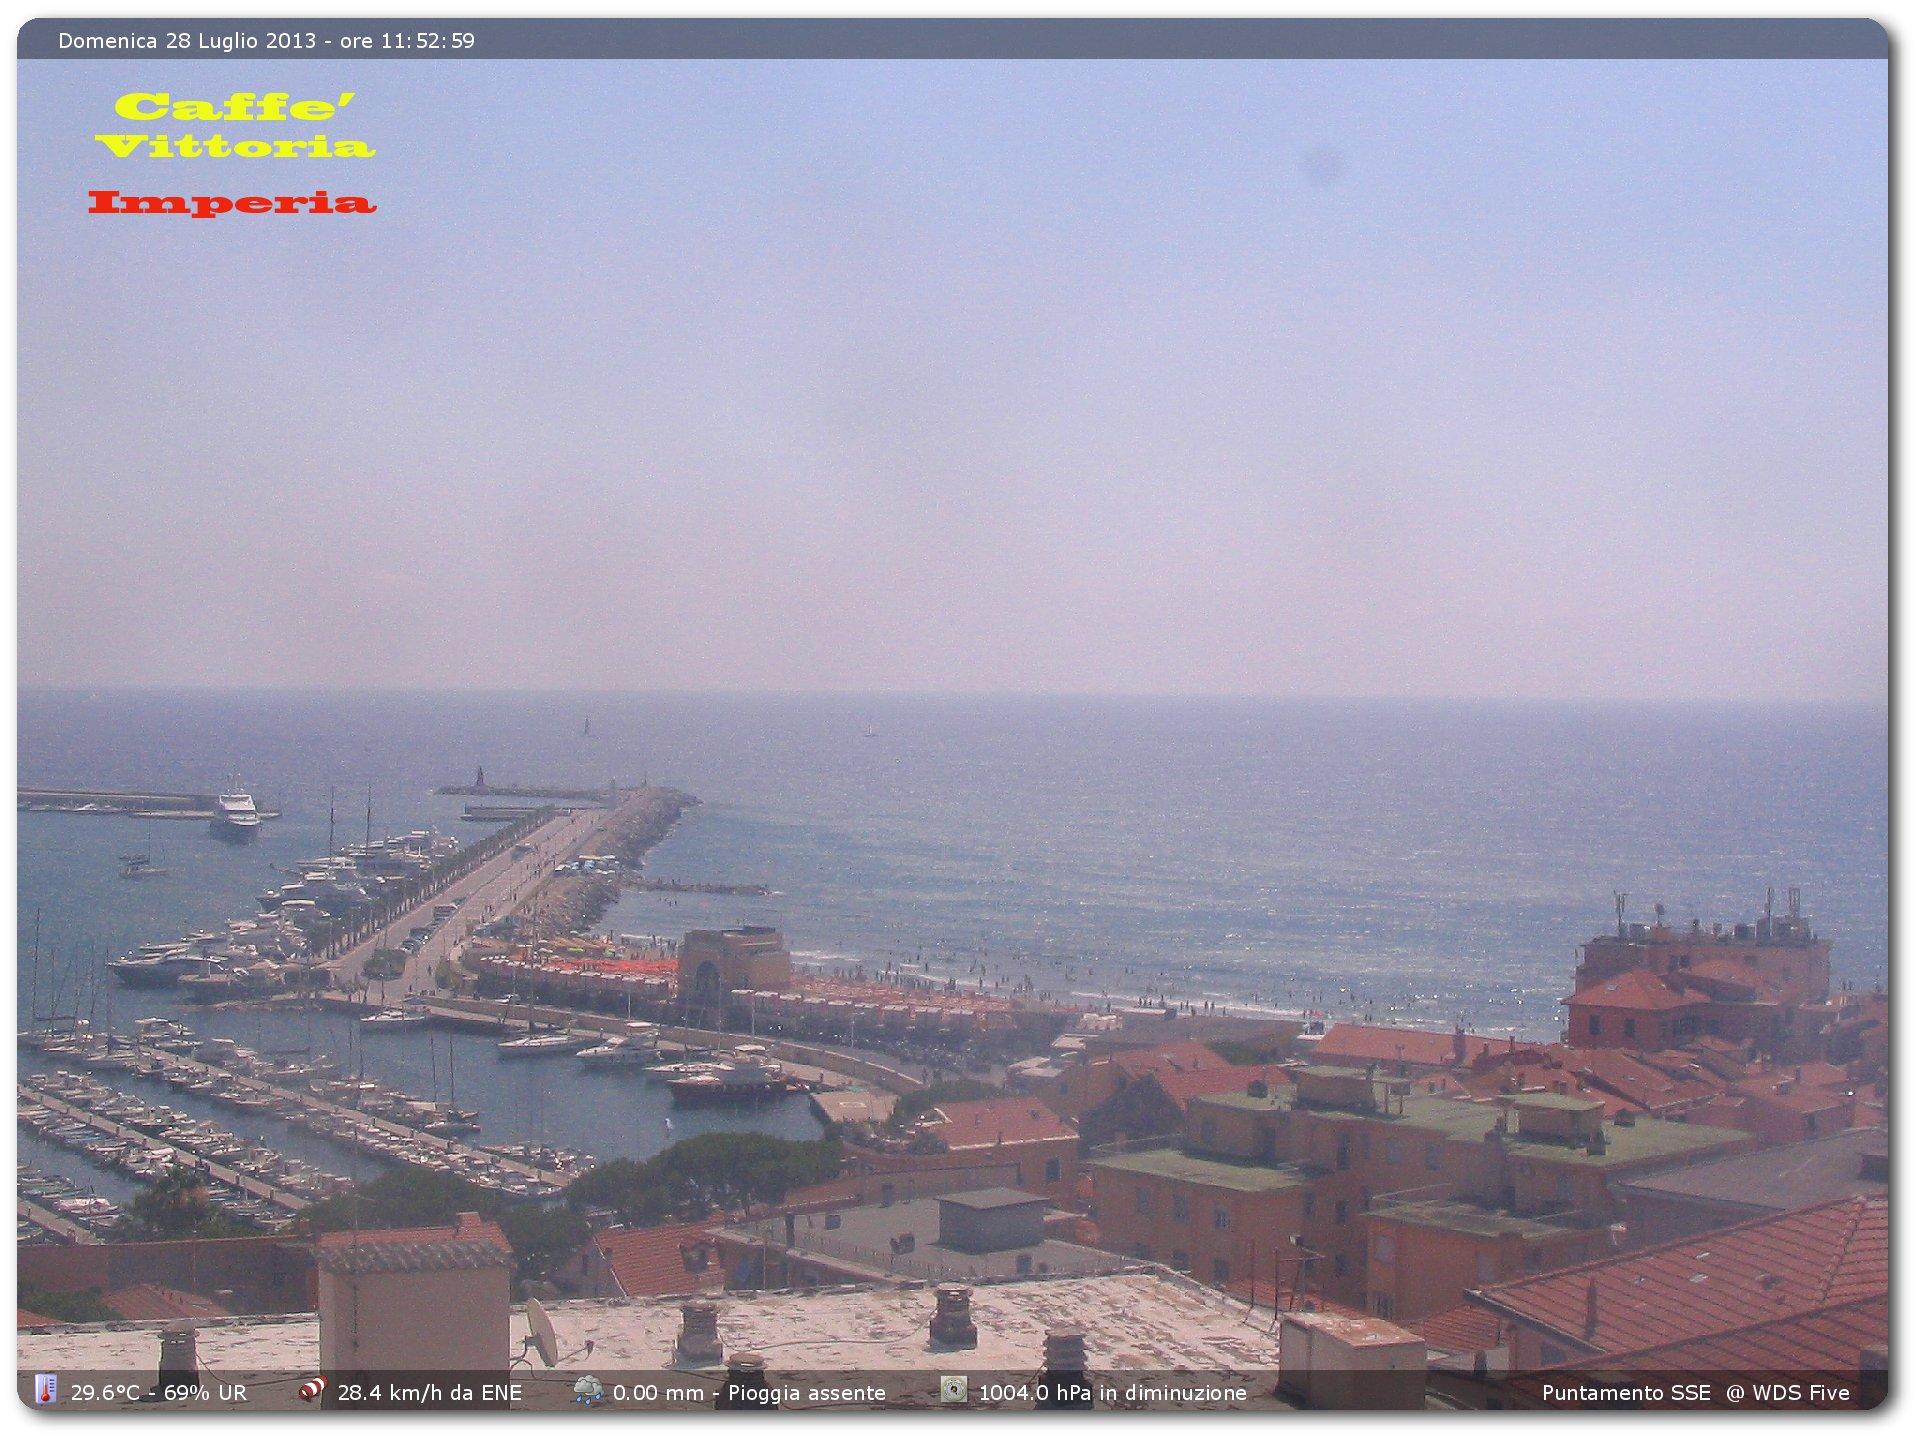 Webcam ad Imperia (IM)